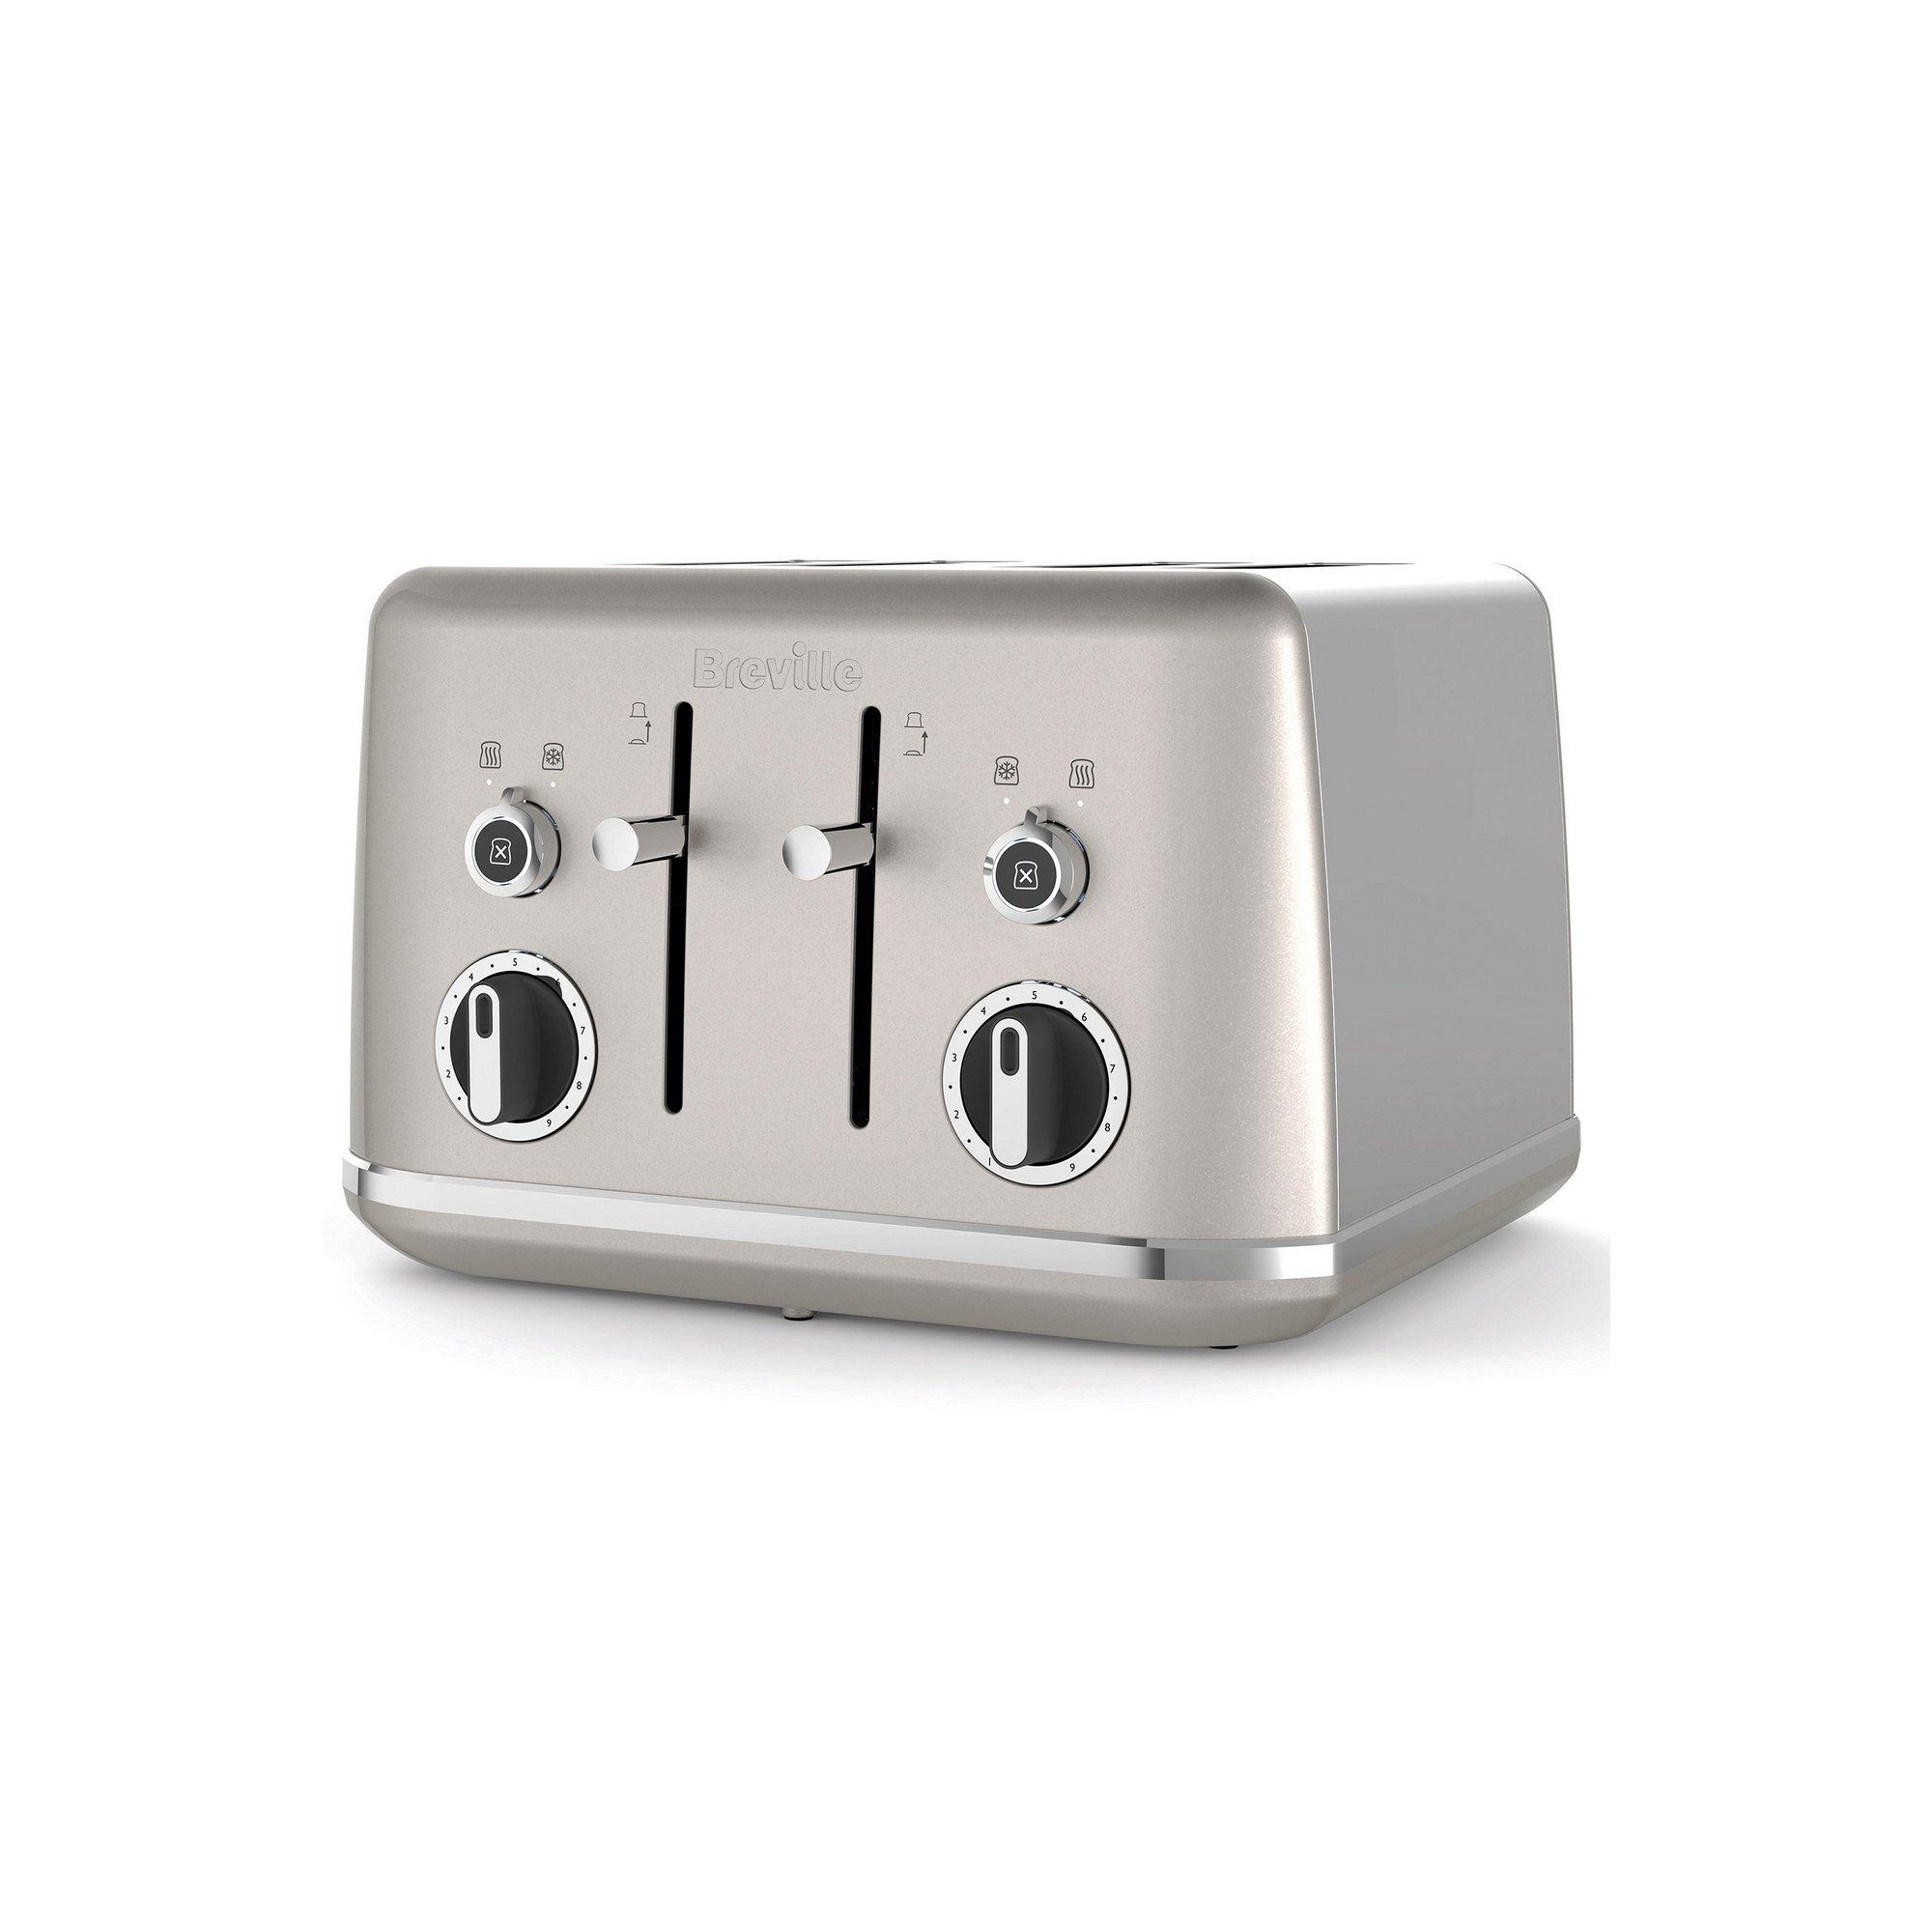 Image of Breville Lustra 4-Slice Toaster